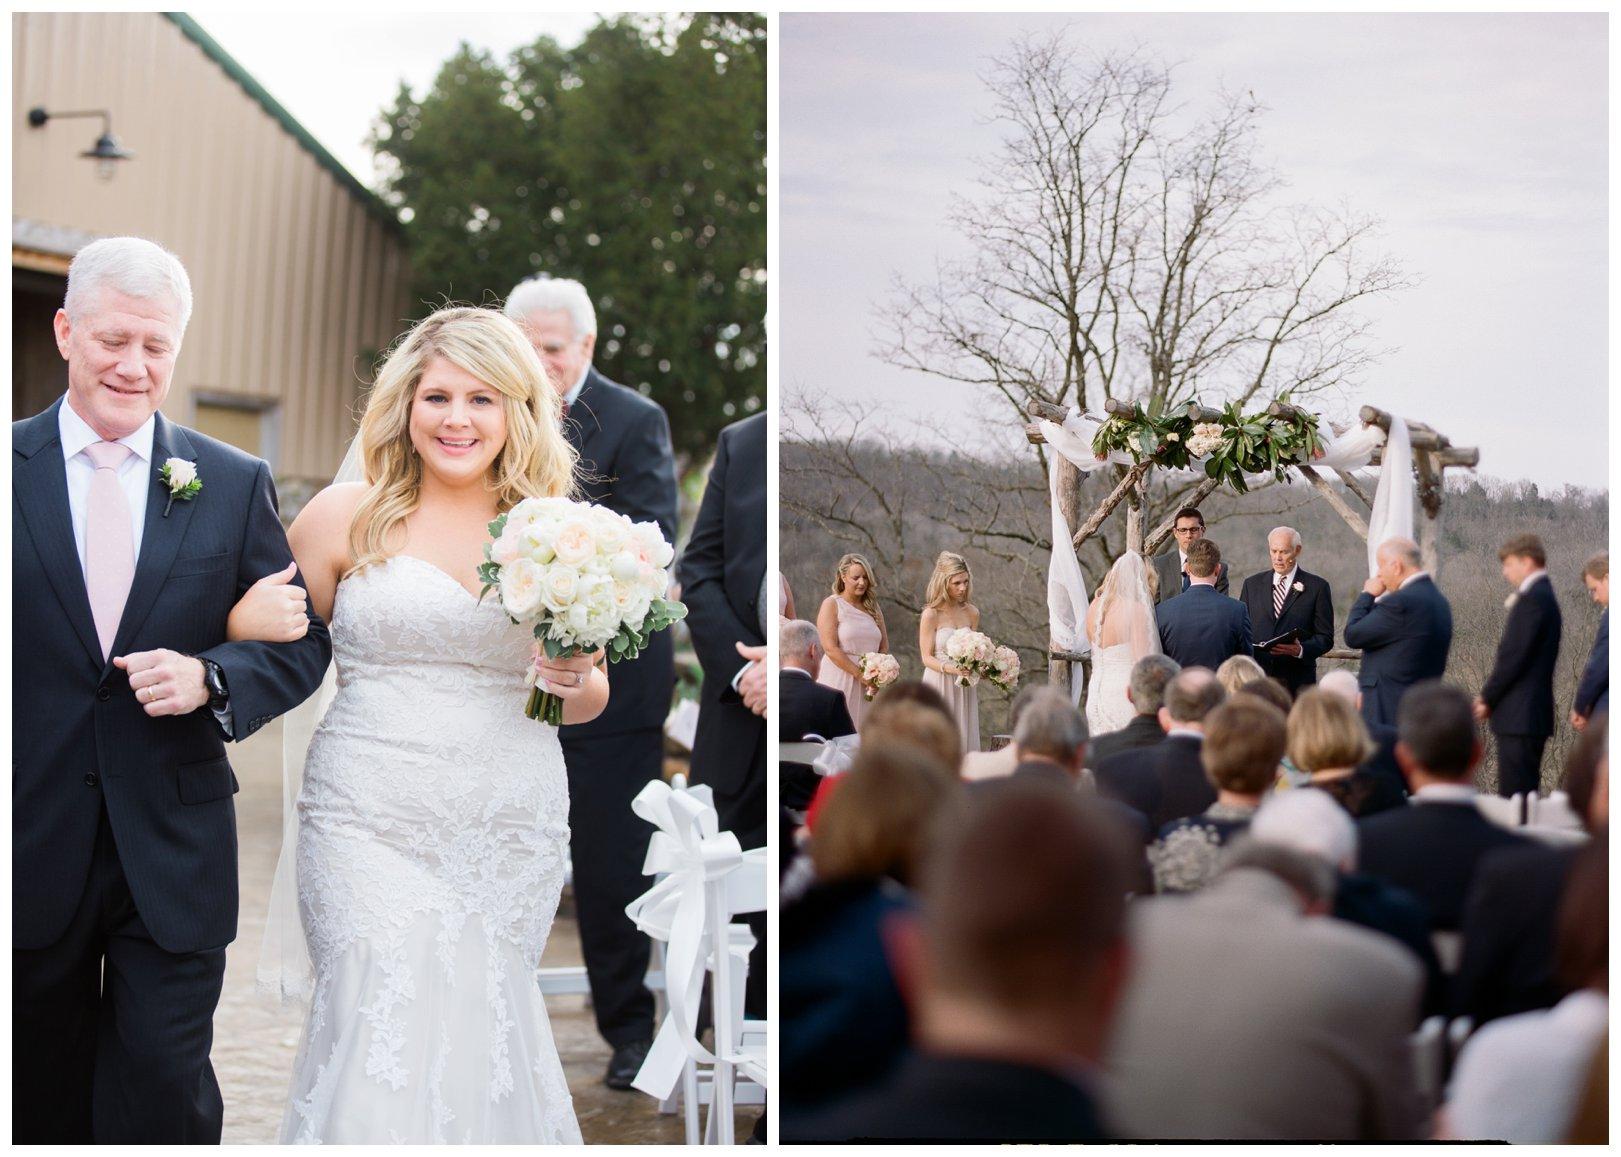 lauren muckler photography_fine art film wedding photography_st louis_photography_0985.jpg